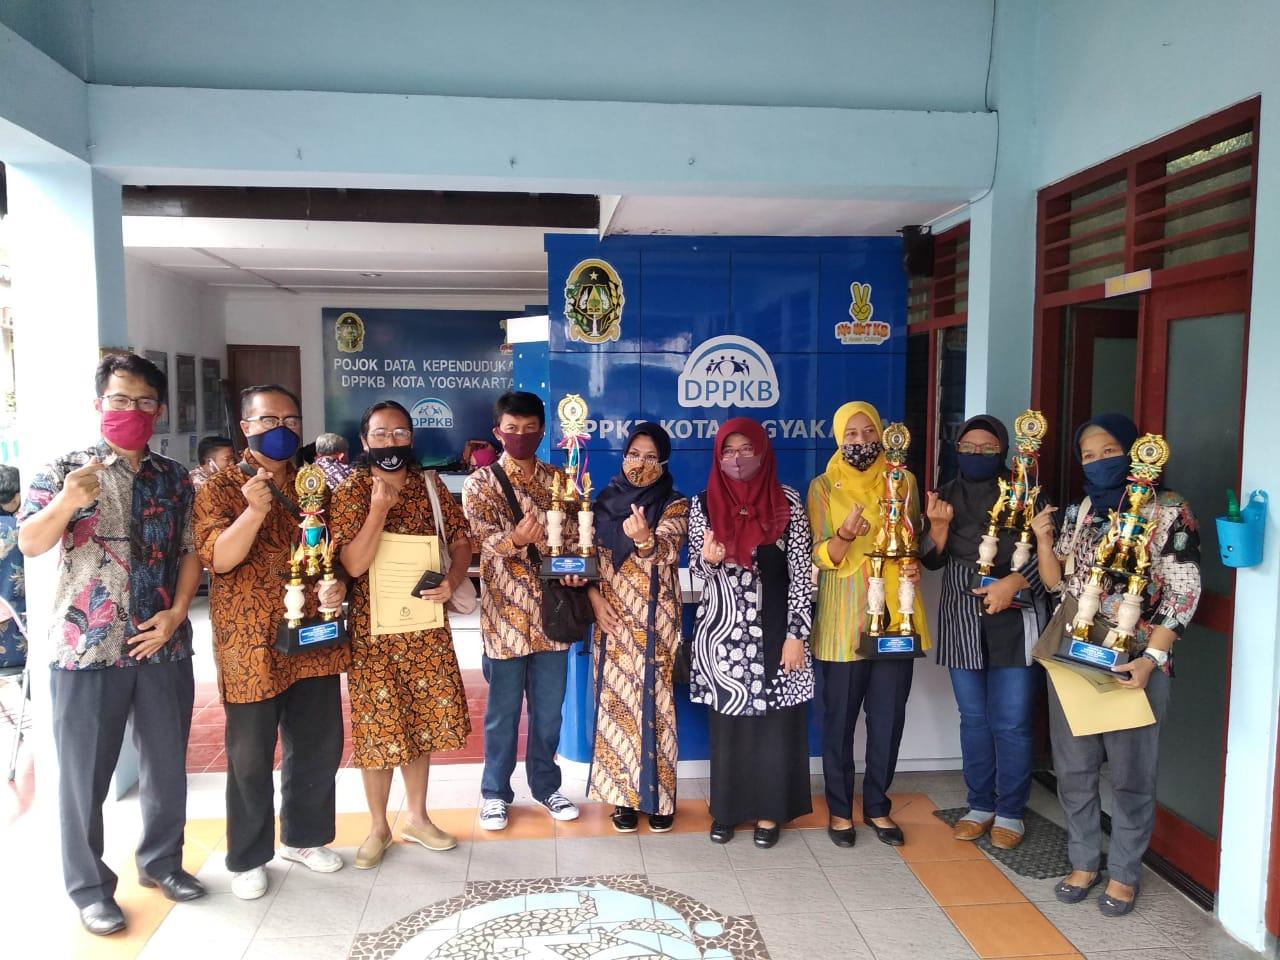 Penyerahan Hadiah Kejuaraan Pada Lomba Kegiatan Pelayanan Keluarga Berencana DPPKB Kota Yogyakarta